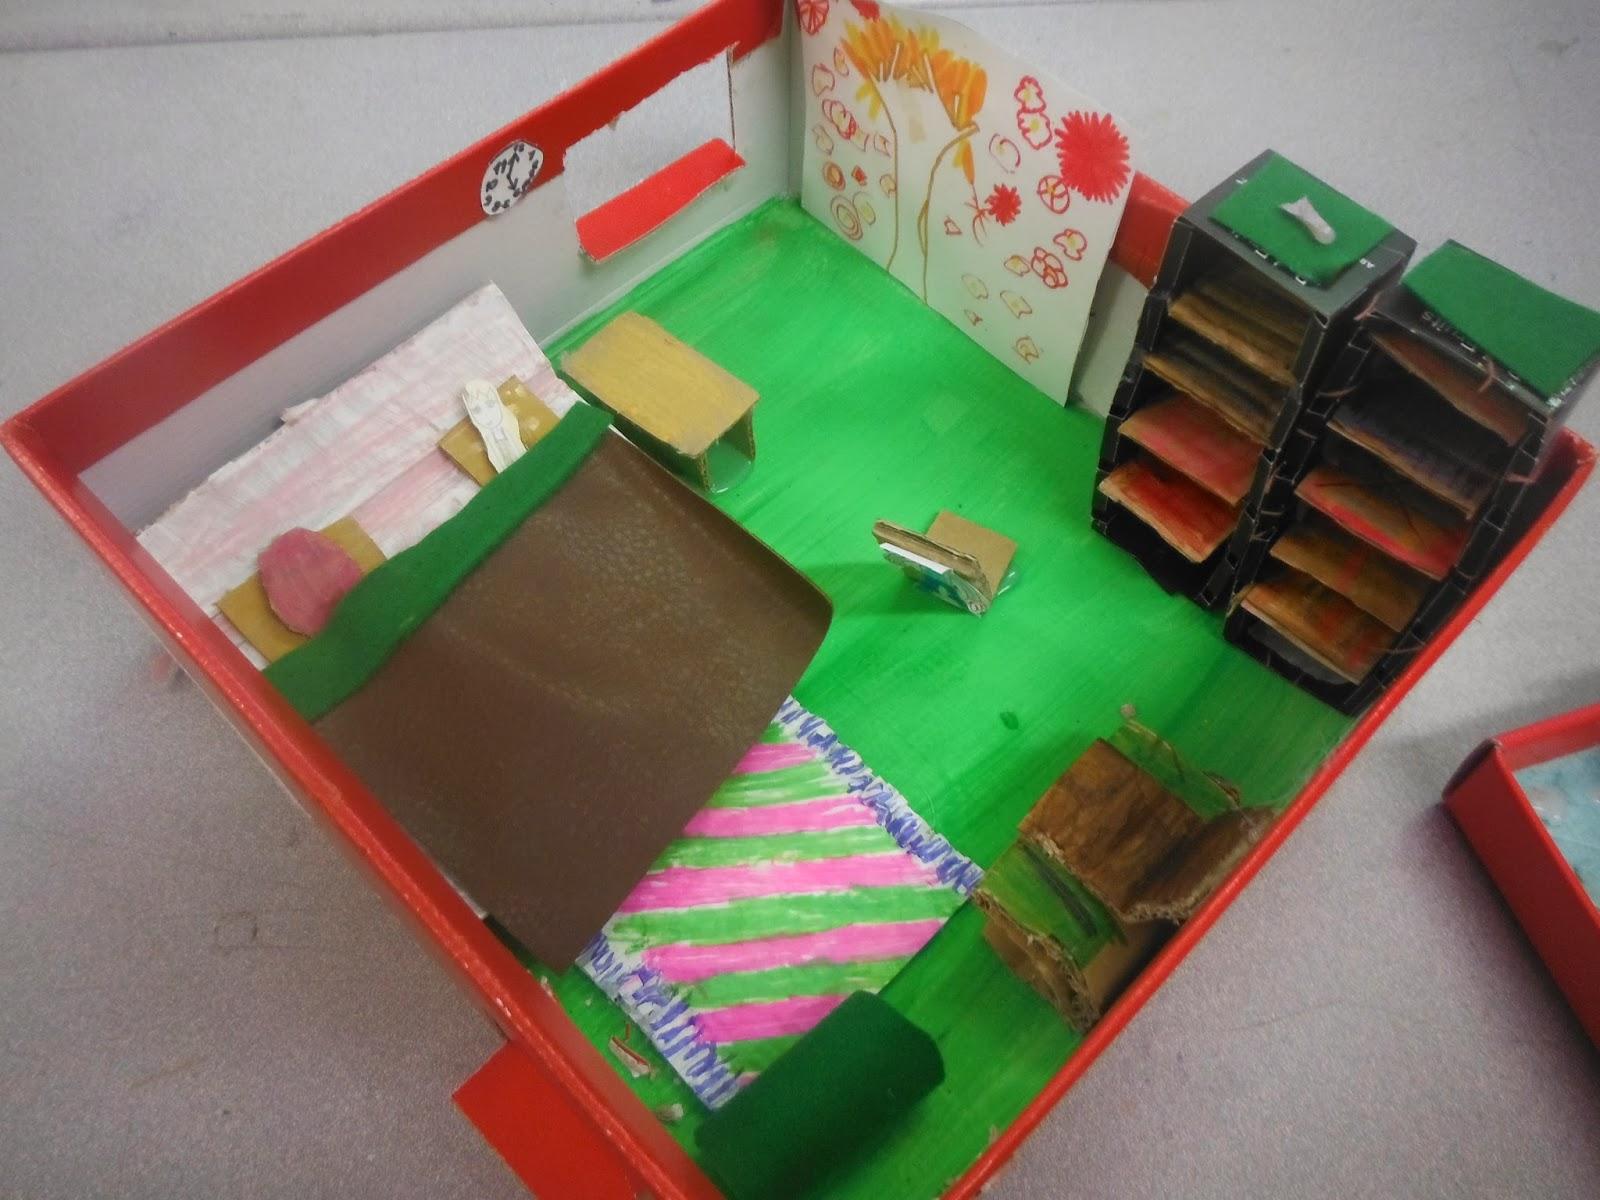 Favori Séverine Peugniez, ateliers d'arts plastiques: Les enfants créent  EX54